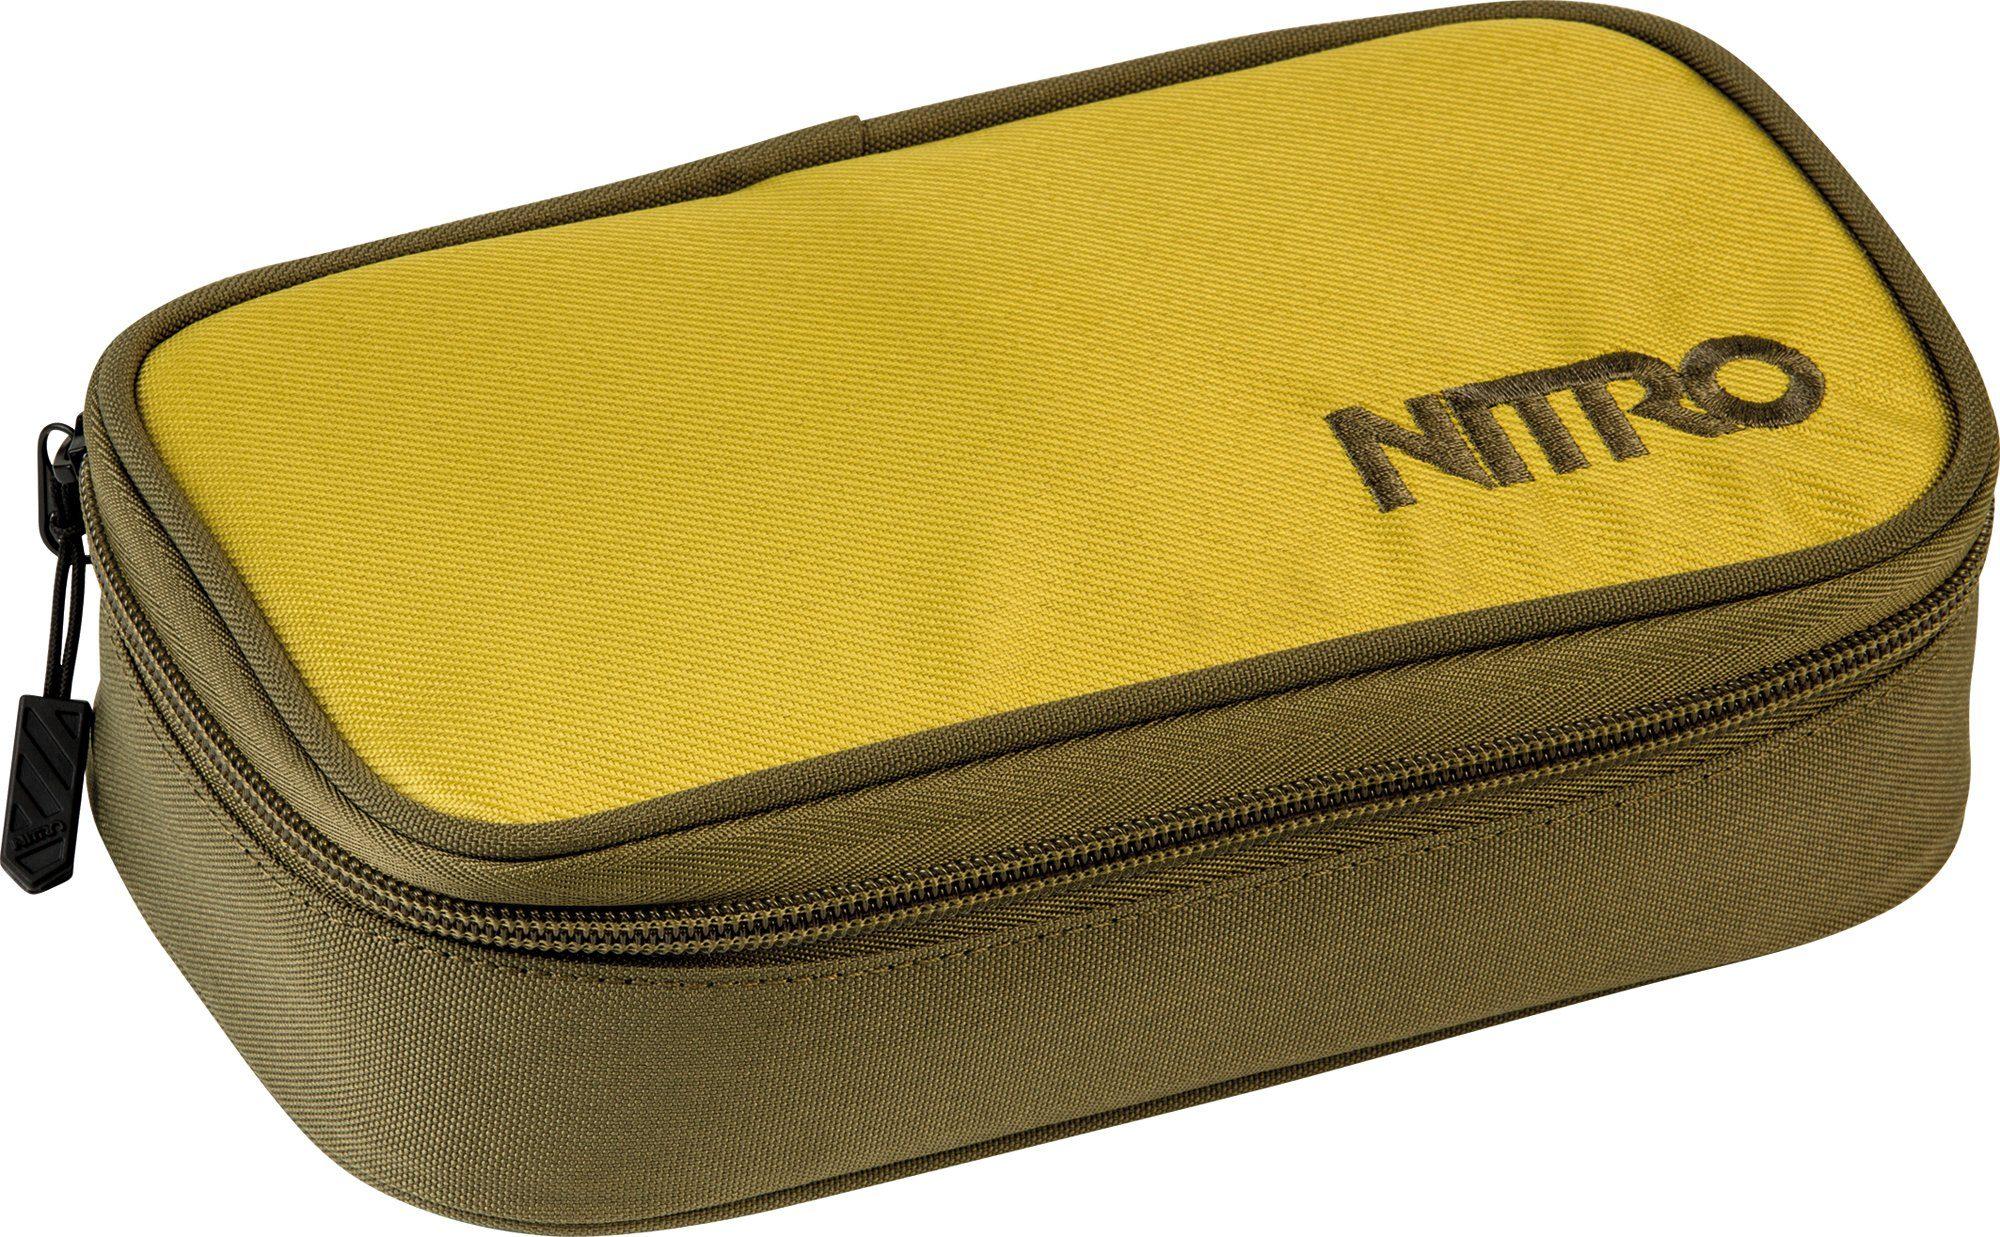 Nitro Federmäppchen, »Pencil Case XL Golden Mud«